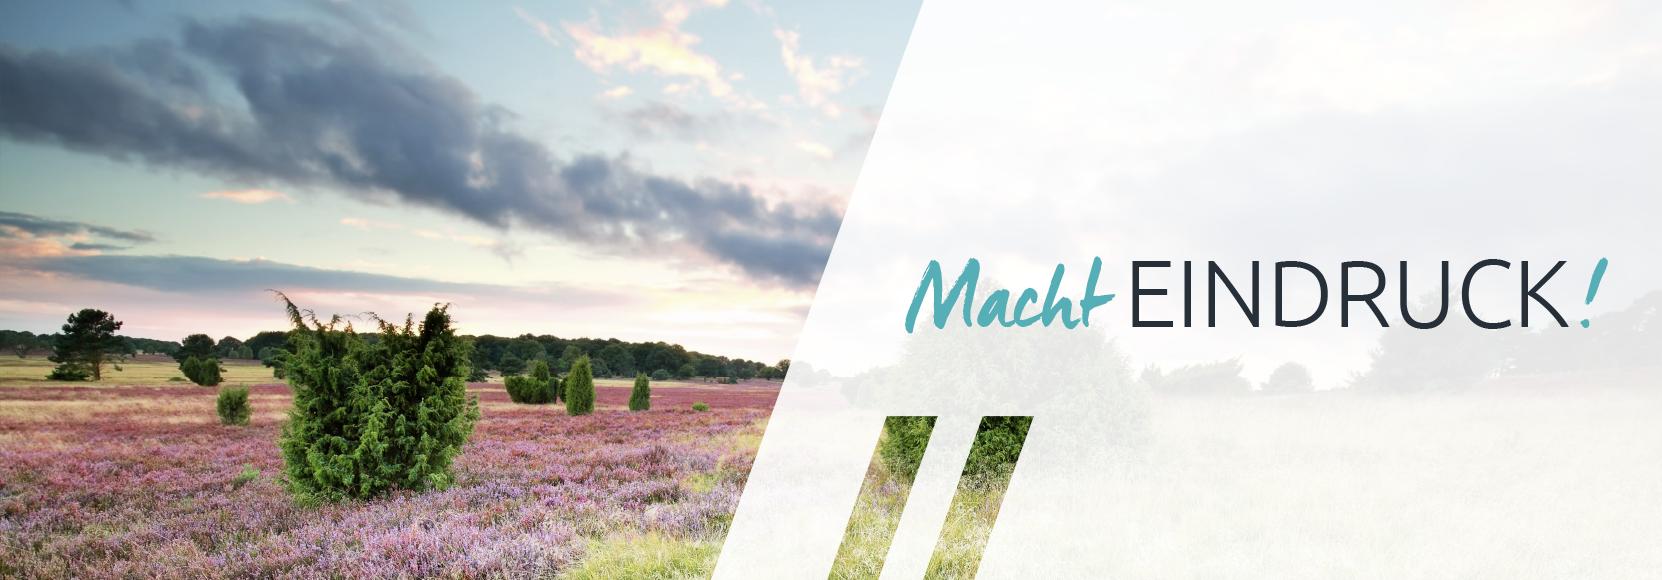 Online-Druckerei: einfach drucken in hoher Qualität | EinDruckShop.de